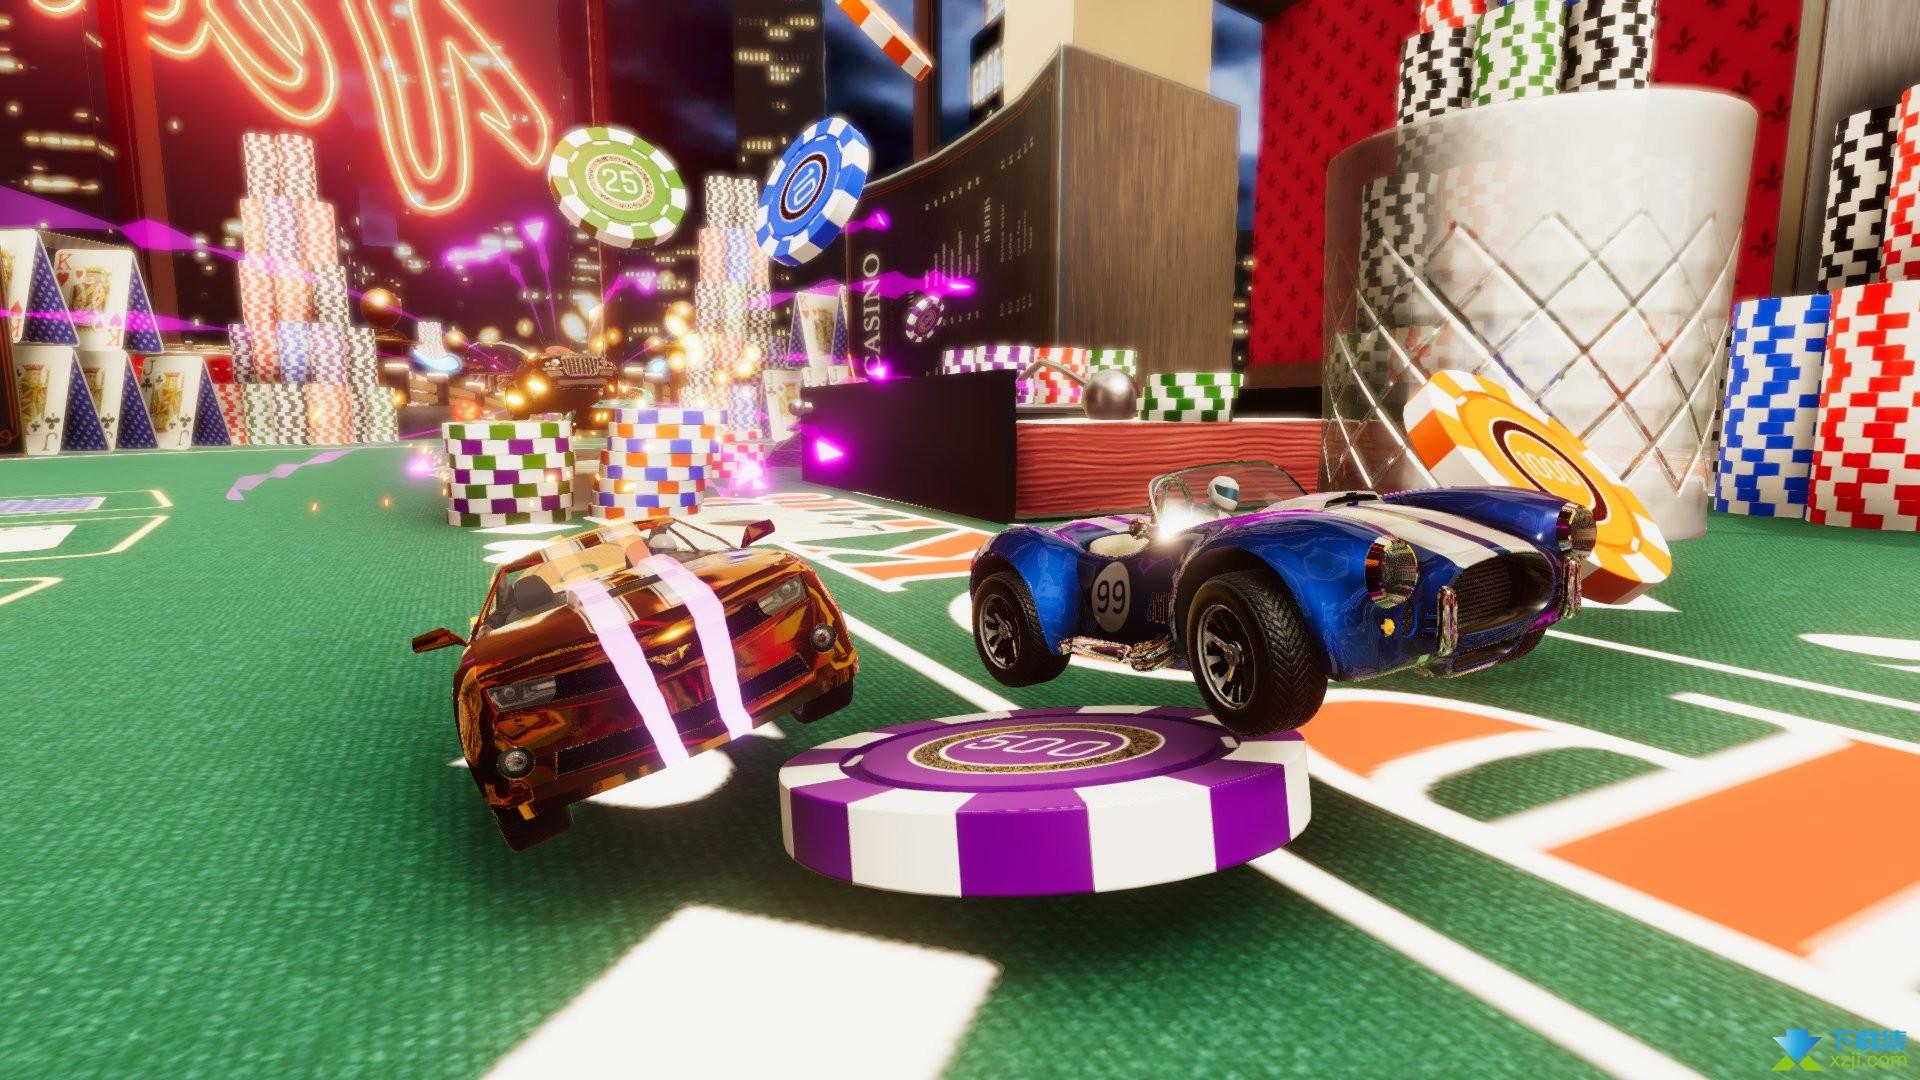 超级玩具车2界面